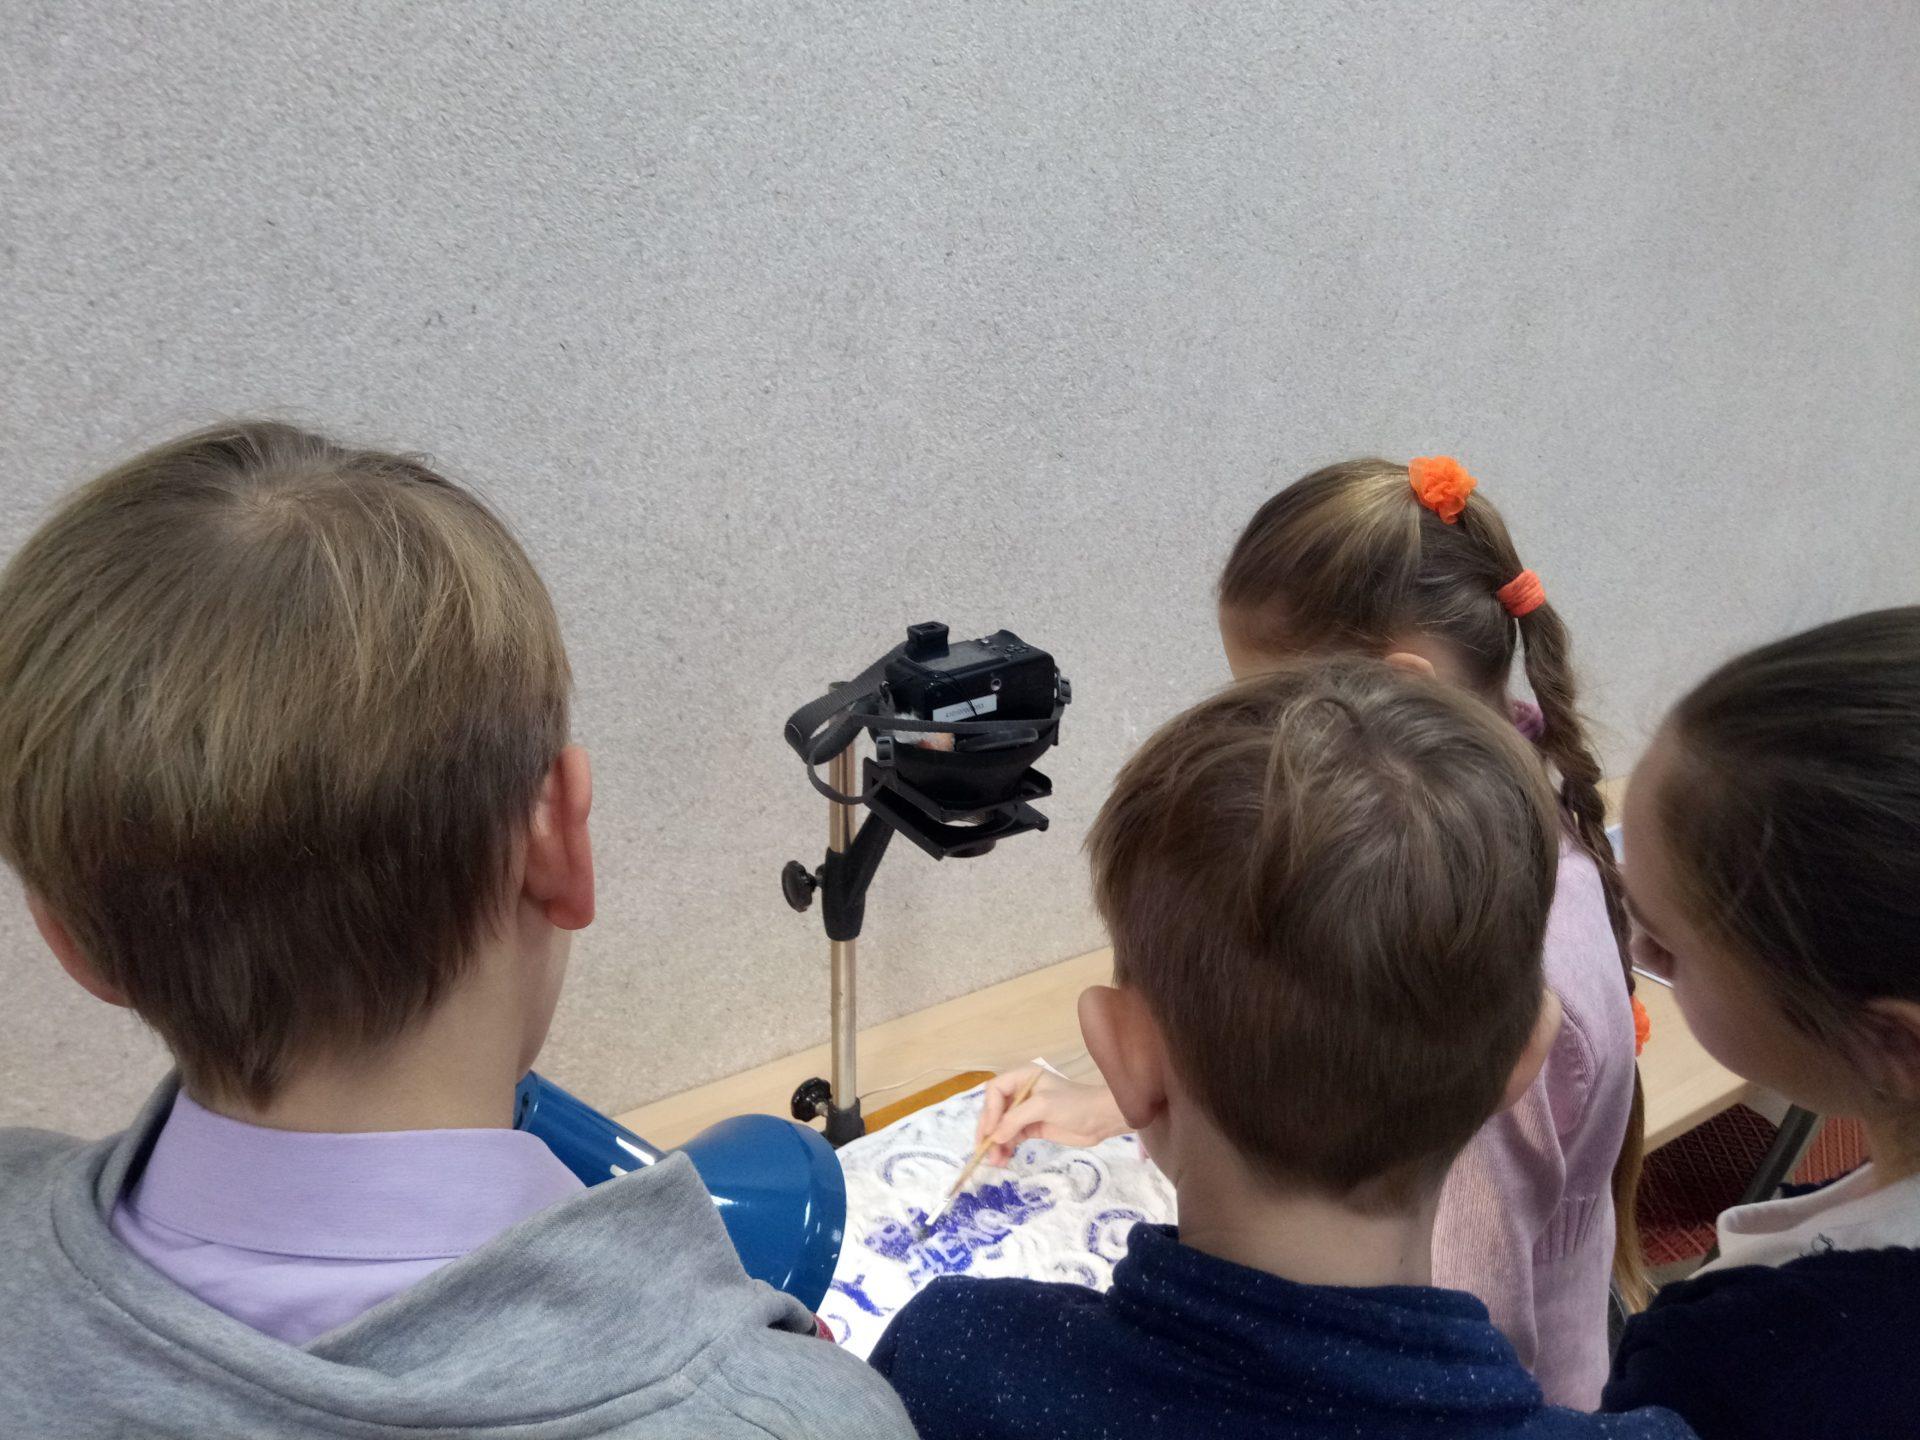 участники студии снимают заставку для мультфильма